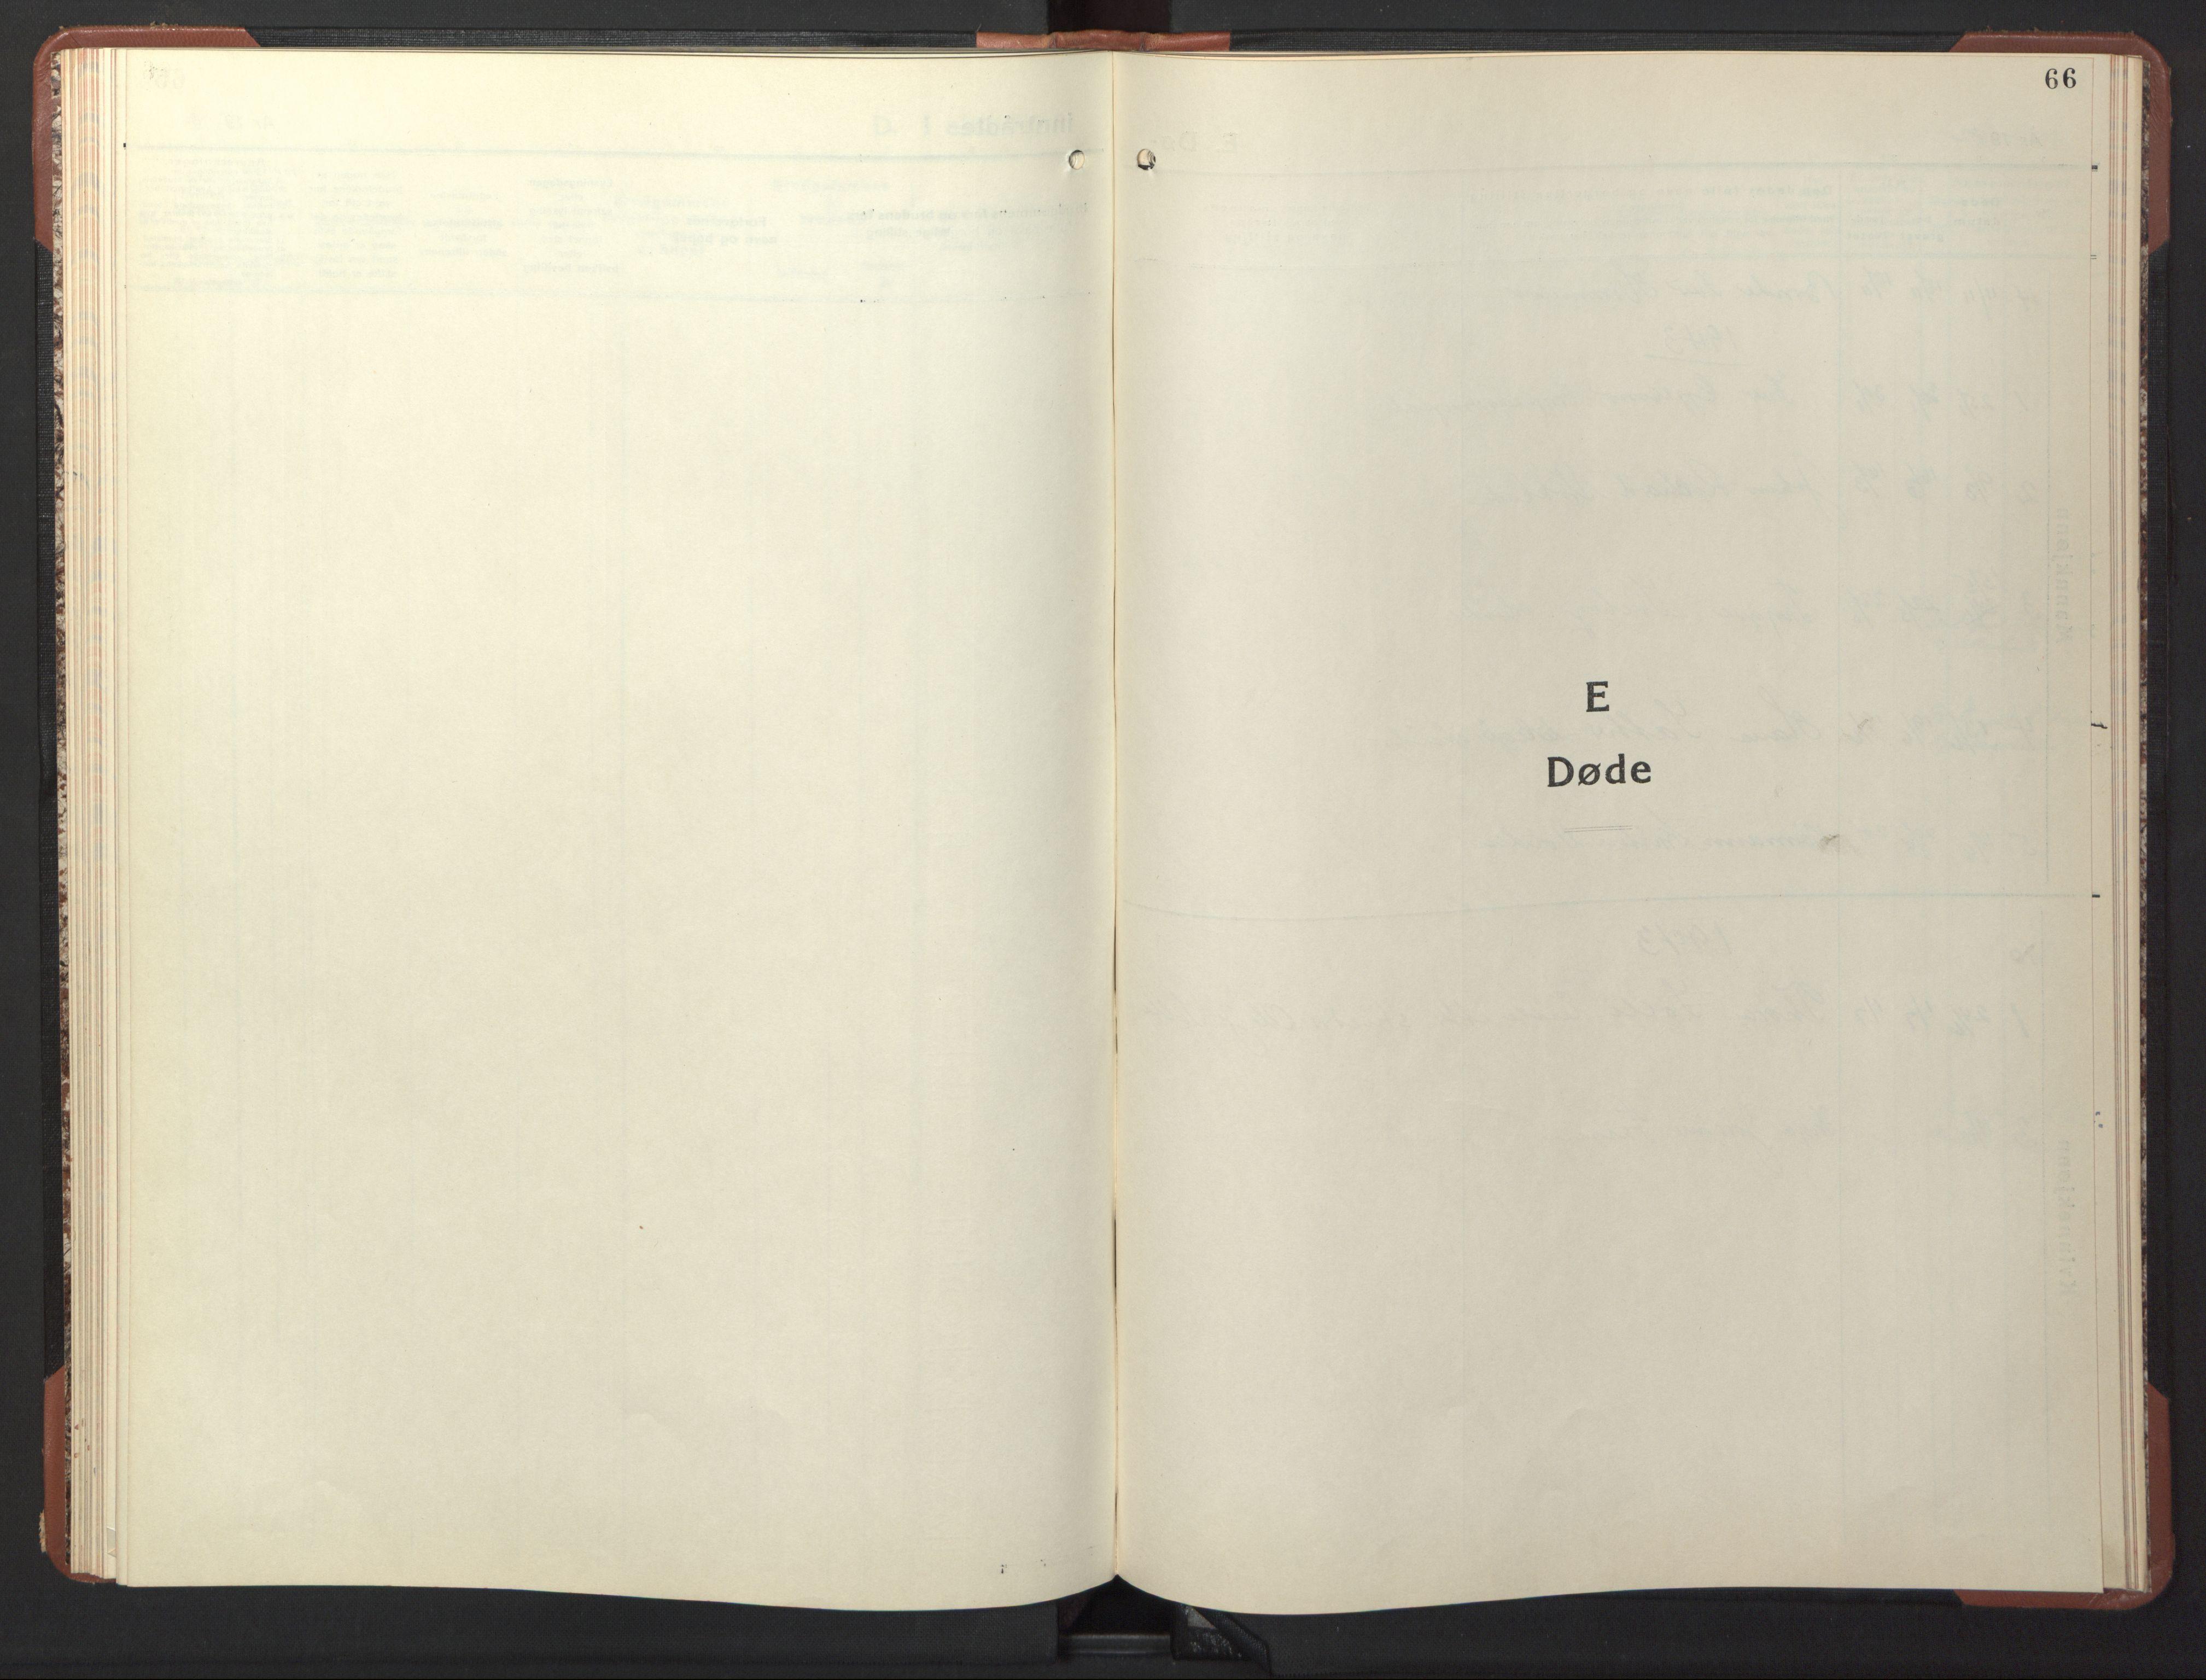 SAT, Ministerialprotokoller, klokkerbøker og fødselsregistre - Sør-Trøndelag, 617/L0433: Klokkerbok nr. 617C04, 1942-1947, s. 66